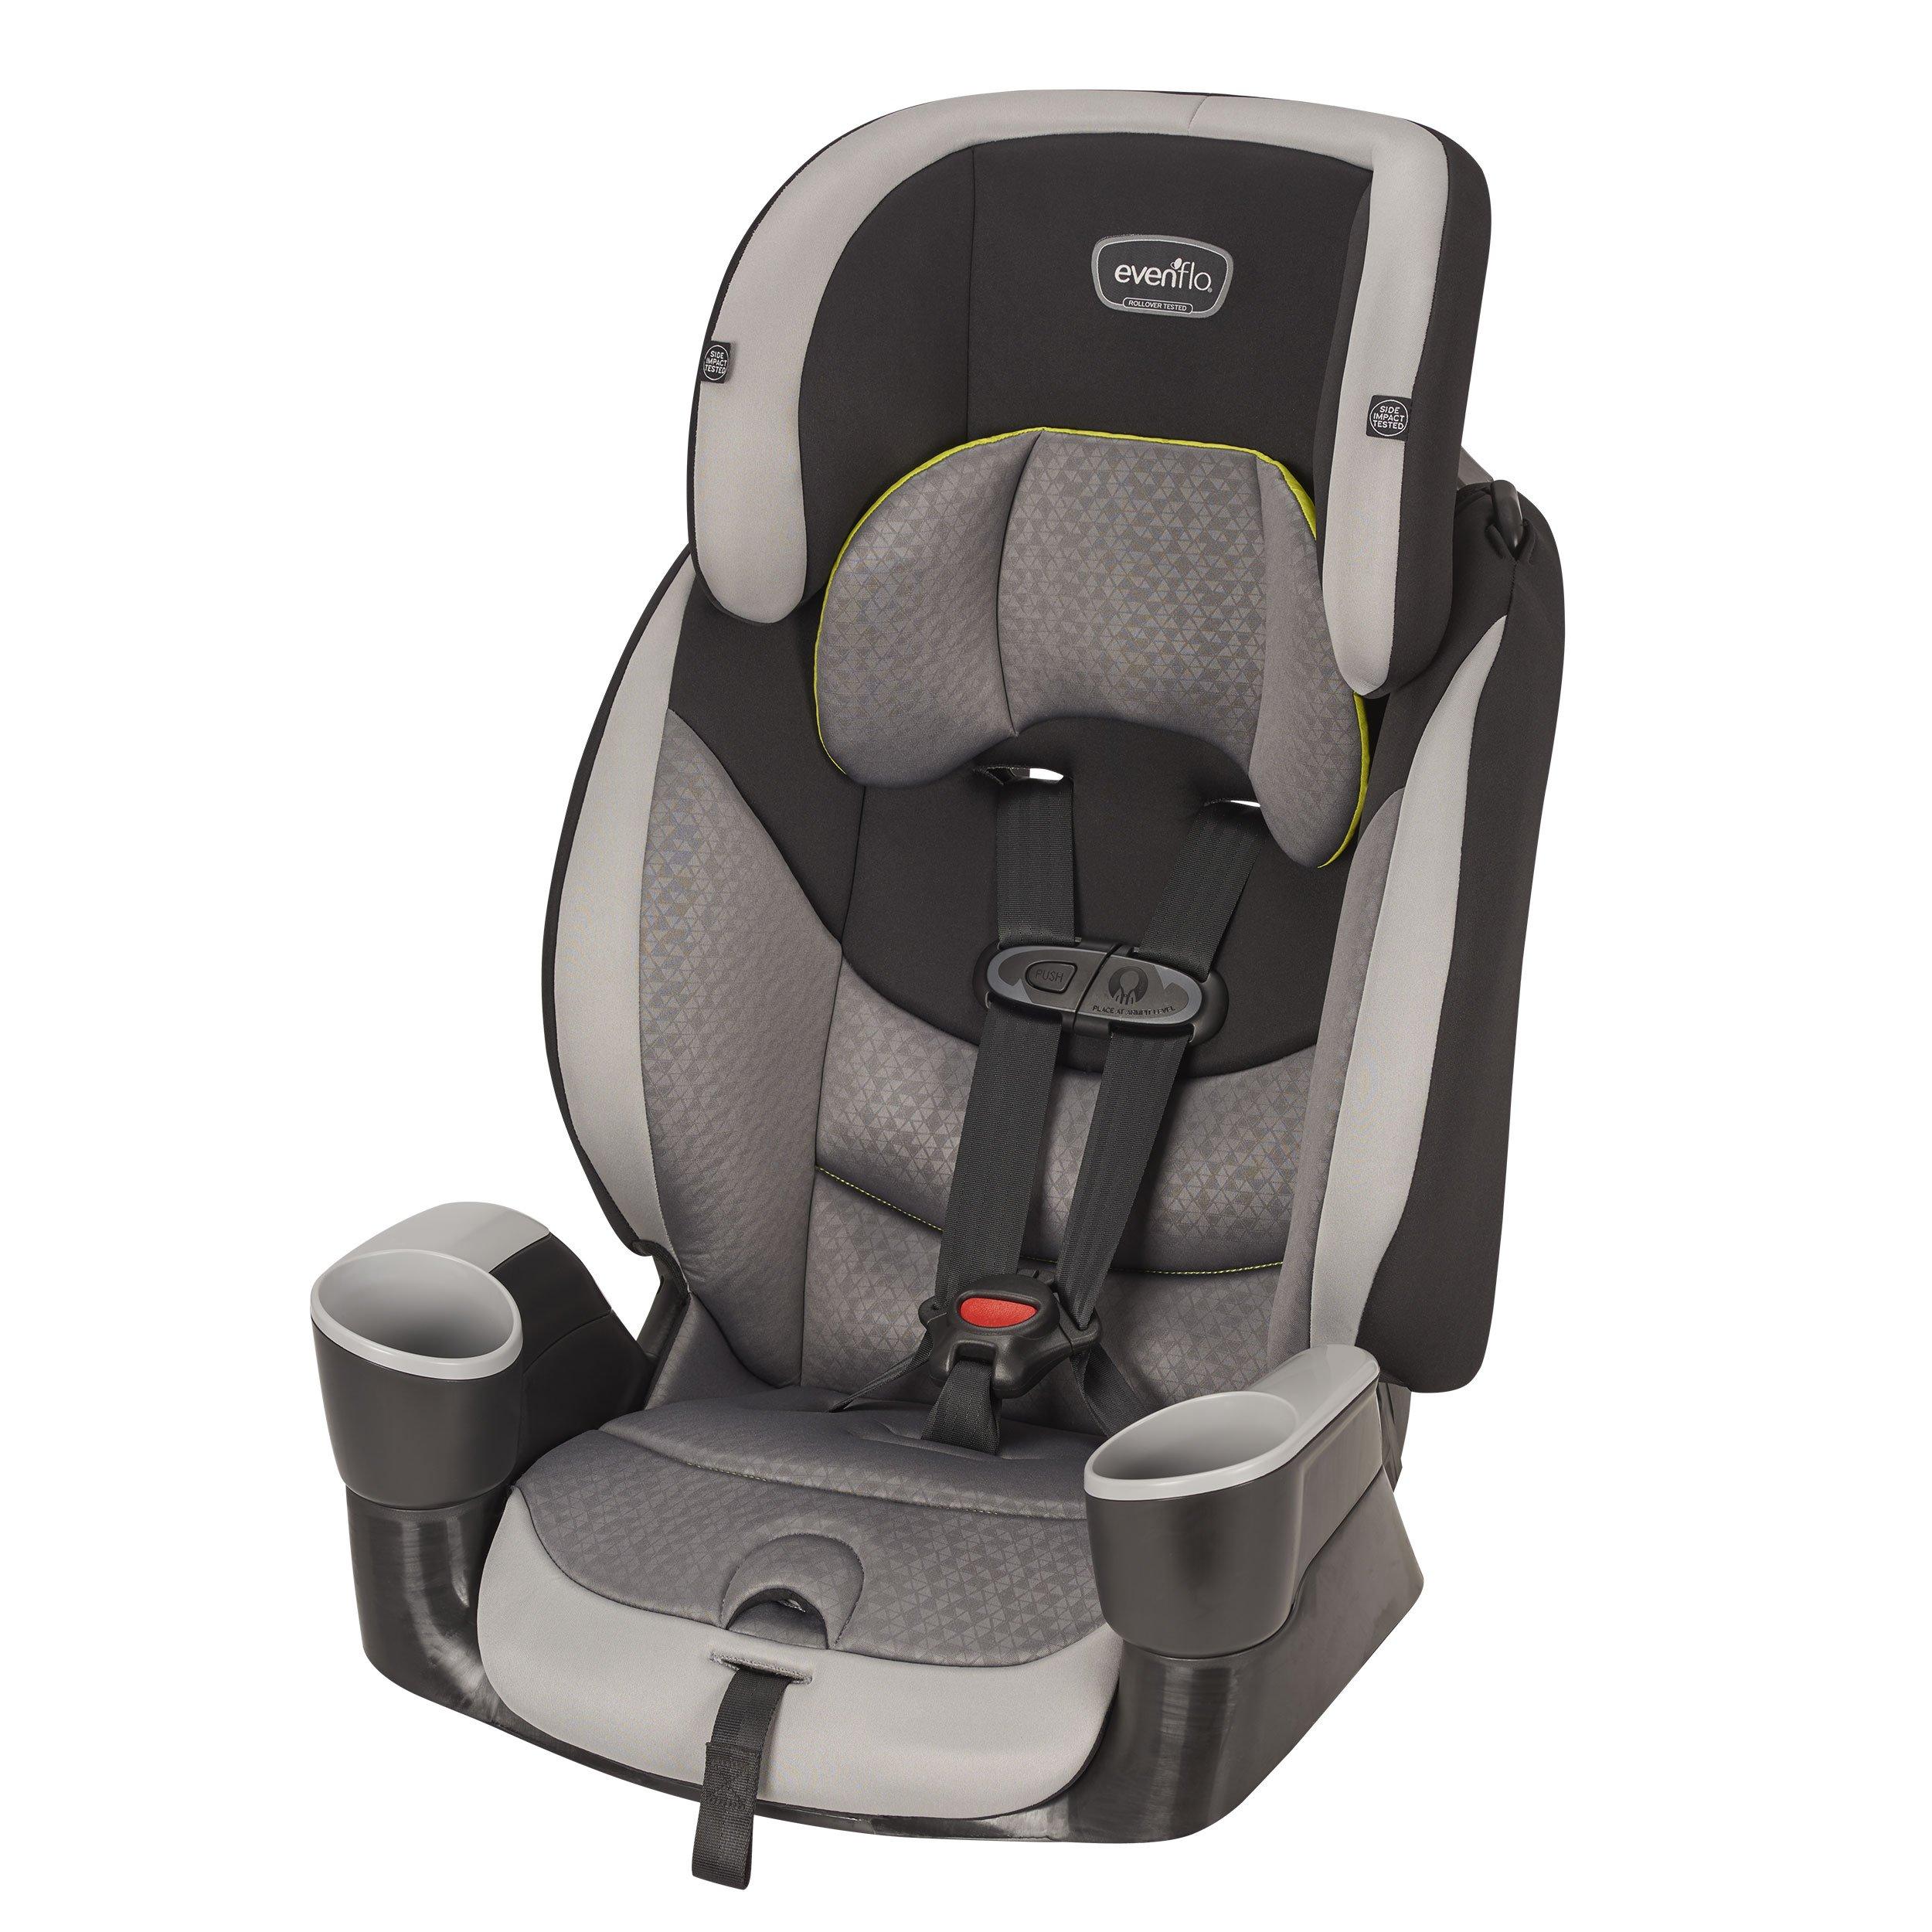 Amazon.com : Evenflo Maestro Sport Harness Booster Car Seat ...